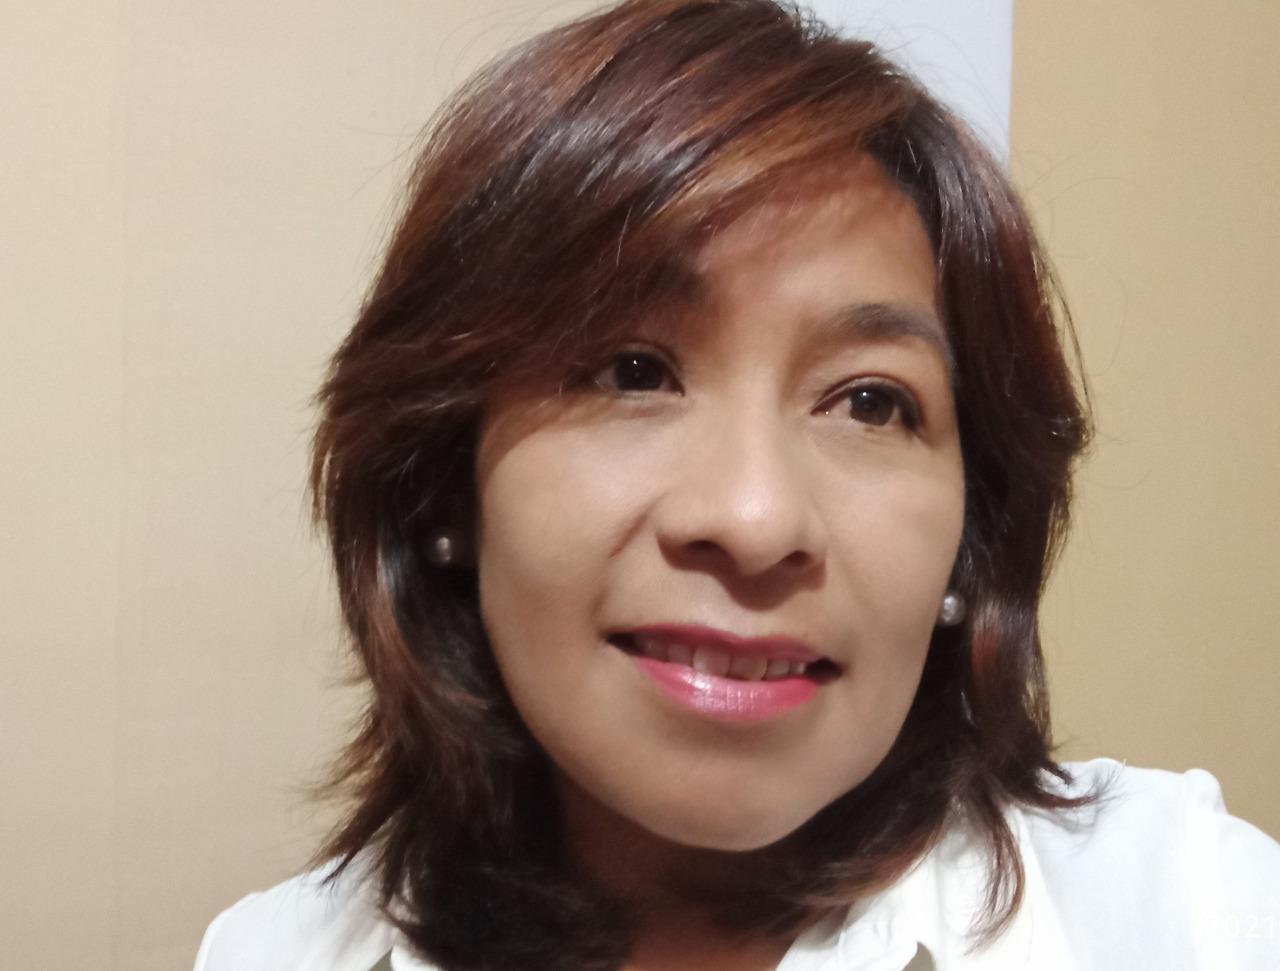 """Aleja Cuevas trabajó como redactora en tres medios impresos: La Prensa, Página Siete y La Razón. Fue ganadora de segundo lugar del Premio de Reportaje sobre Biodiversidad 2011, de Conservación Internacional con el reportaje """"La Laguna Colorada agoniza"""", publicado en La Prensa."""